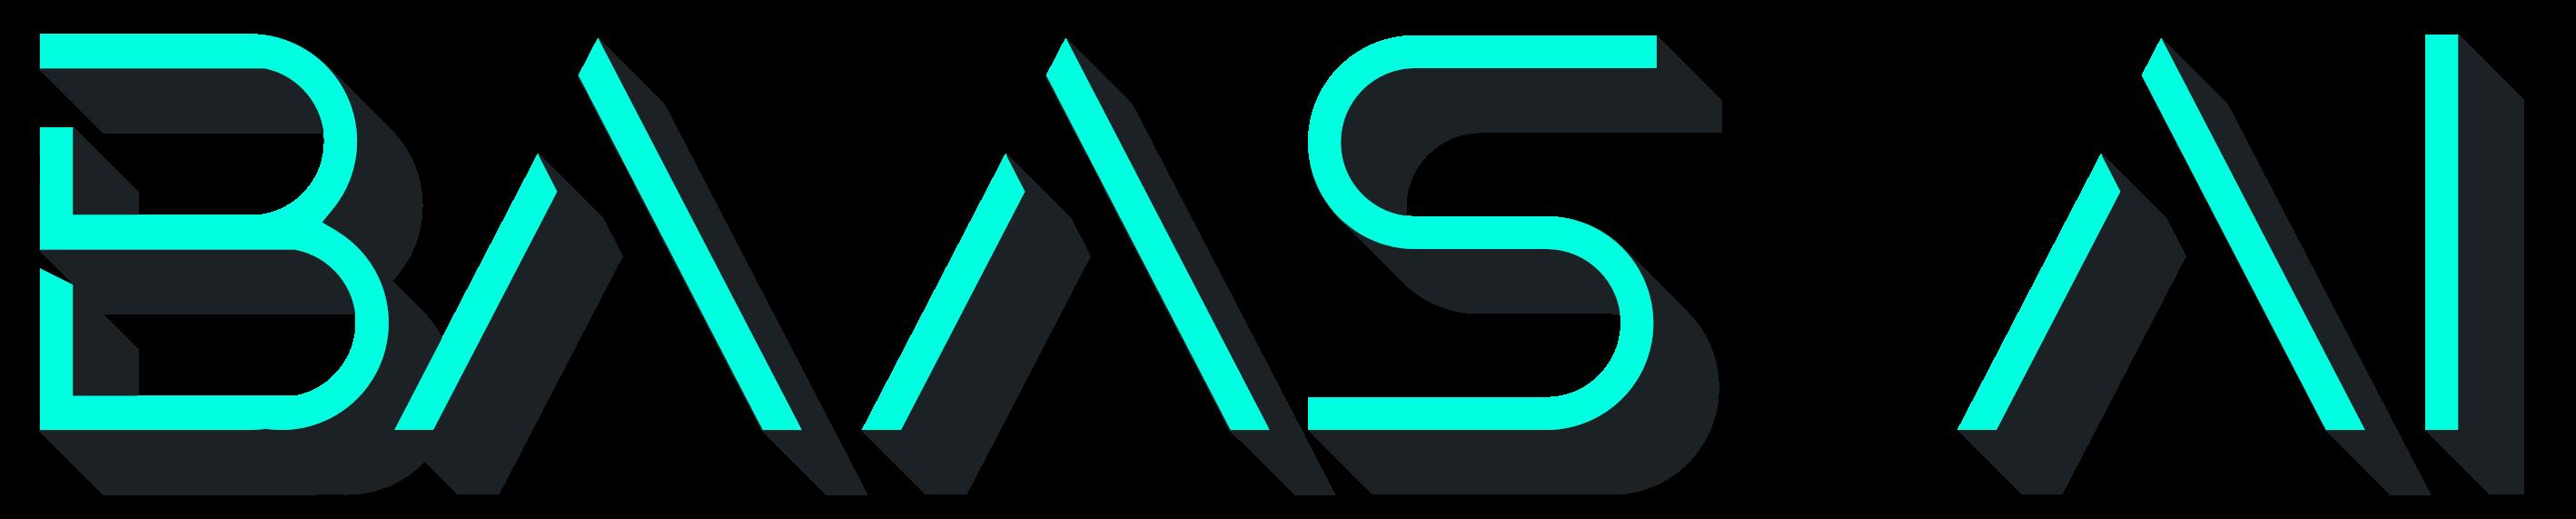 BaaS AI